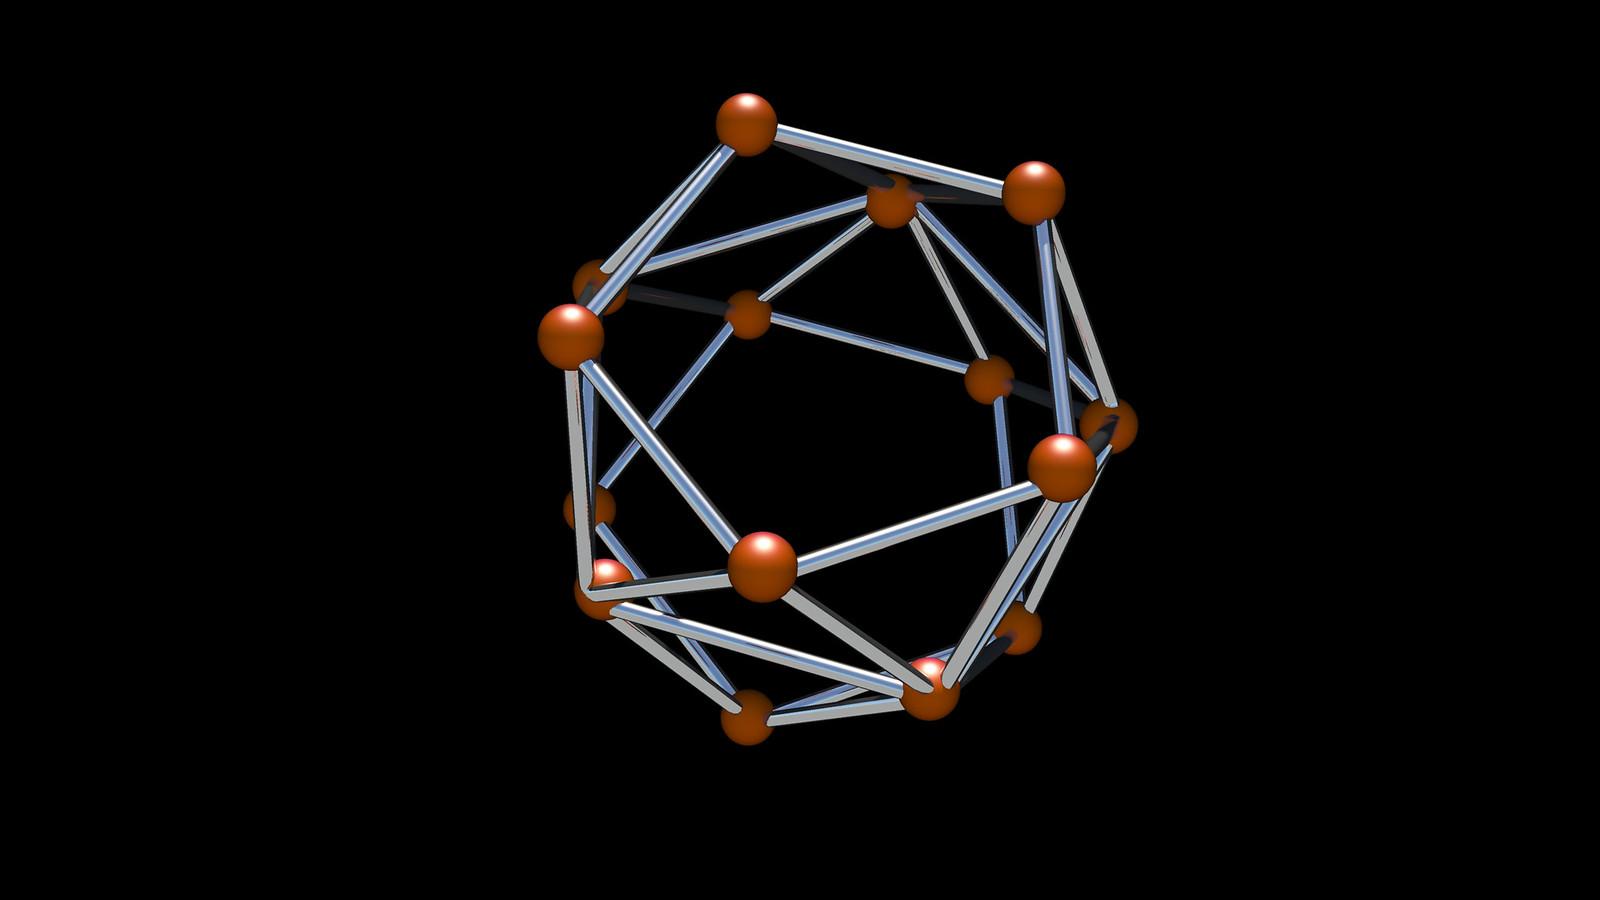 pentagono_drum_66